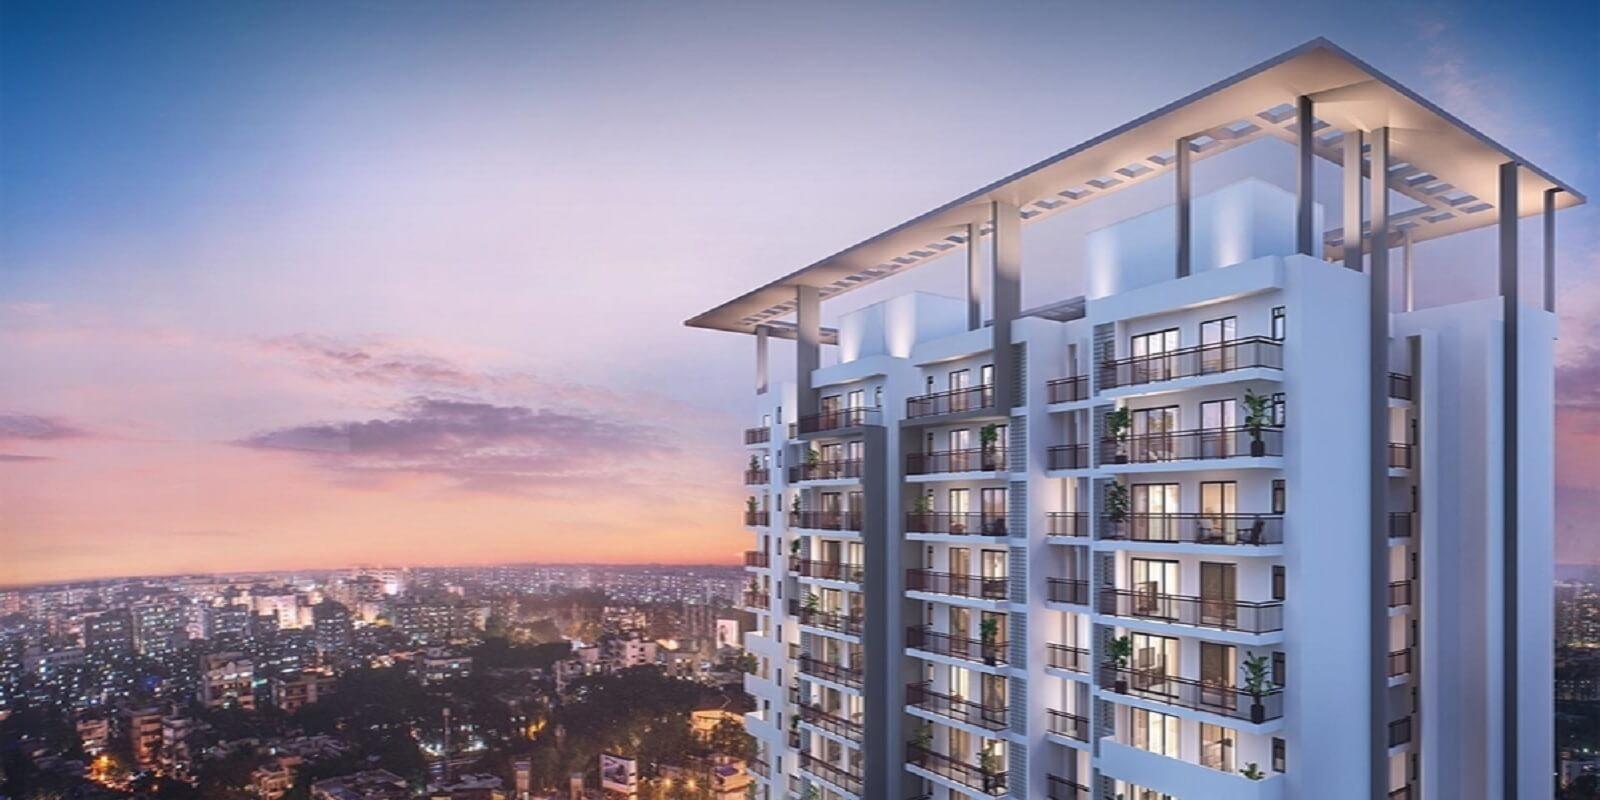 m3m sky city project large image1